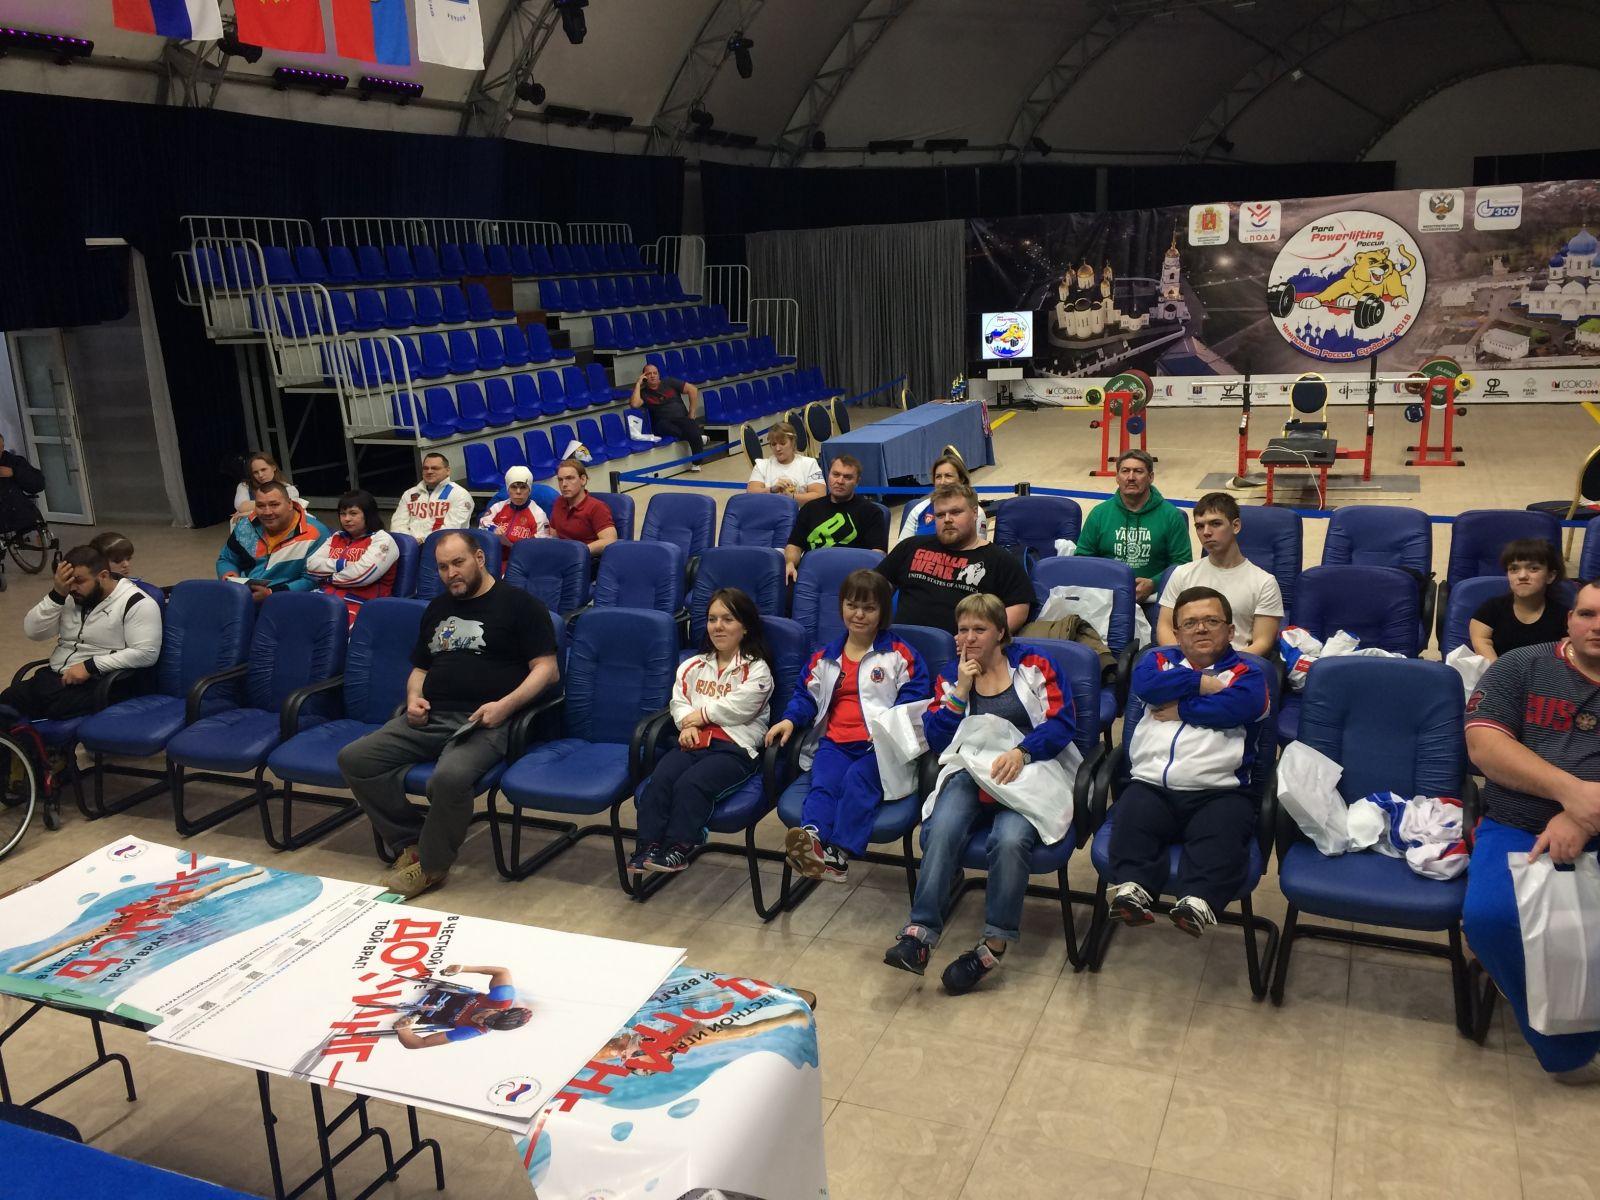 ПКР в г. Суздале (Владимирская область) провел Антидопинговый семинар для членов сборной команды России по пауэрлифтингу спорта лиц с ПОДА